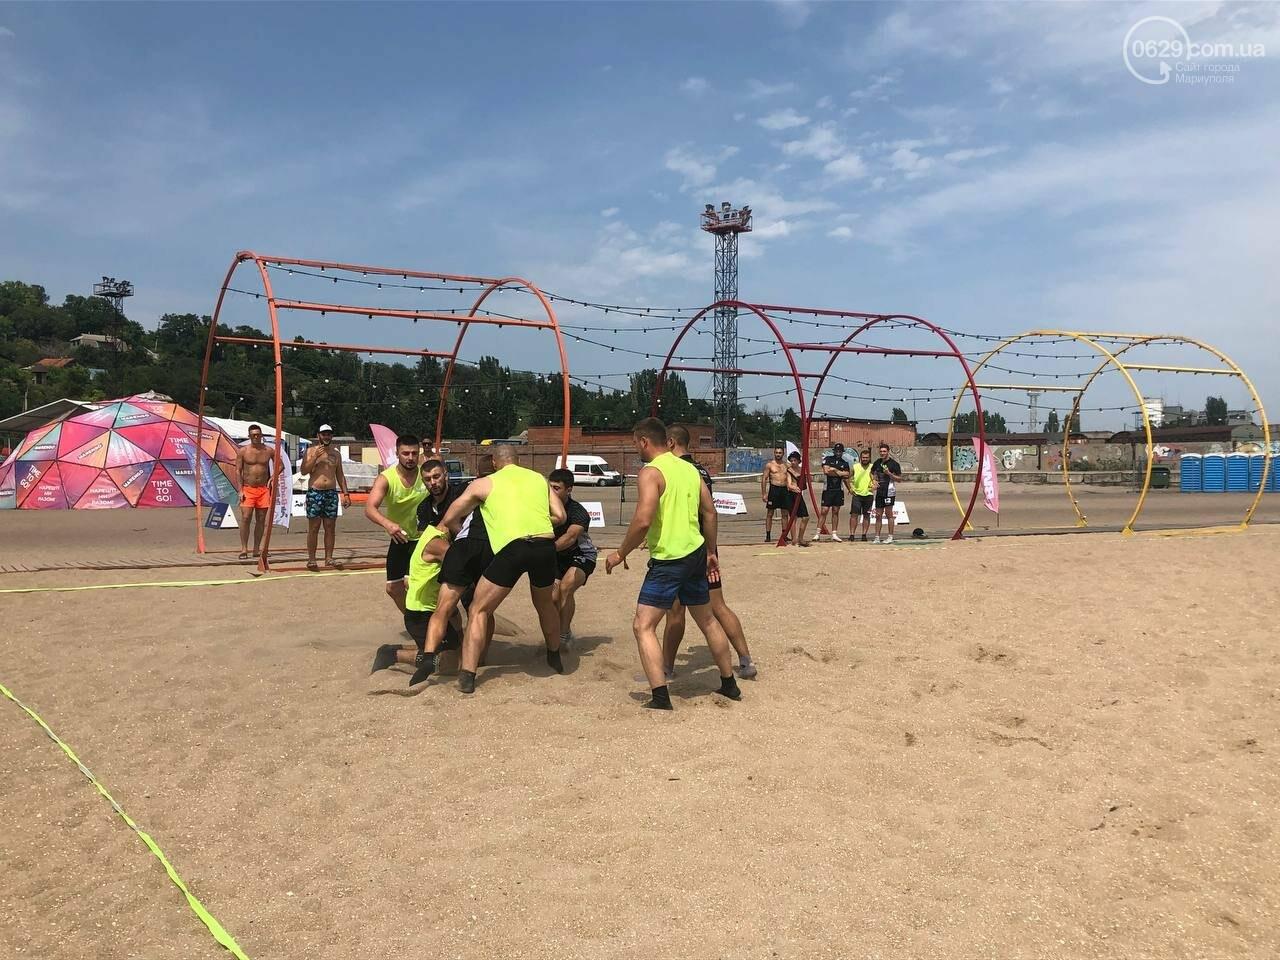 Спорт на MRPL City Festival. Як журналістка 0629 грала у бадмінтон, - ФОТО, фото-19